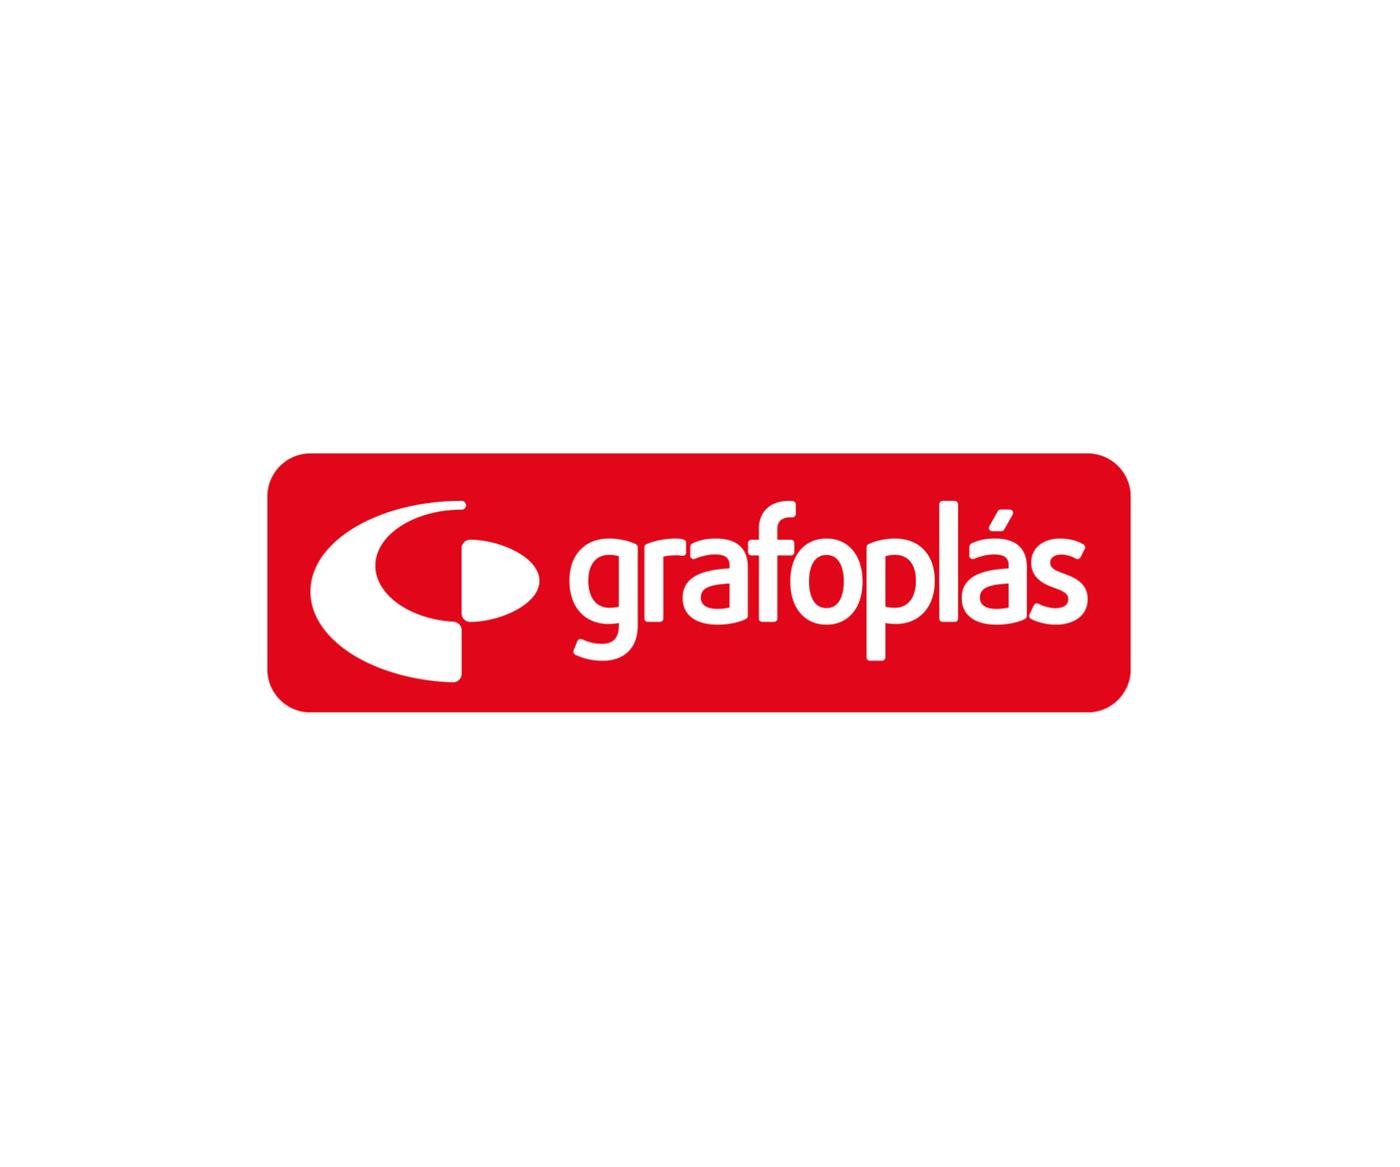 CapaAndCoGrafoplas_0